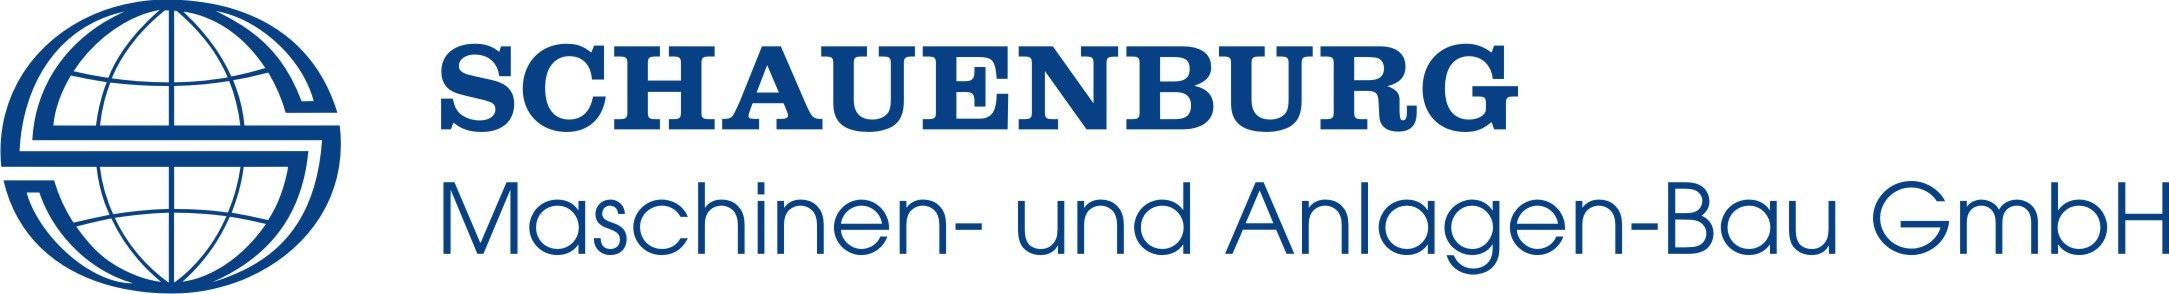 Schauenburg Maschinen-und Anlagen-Bau GMBH